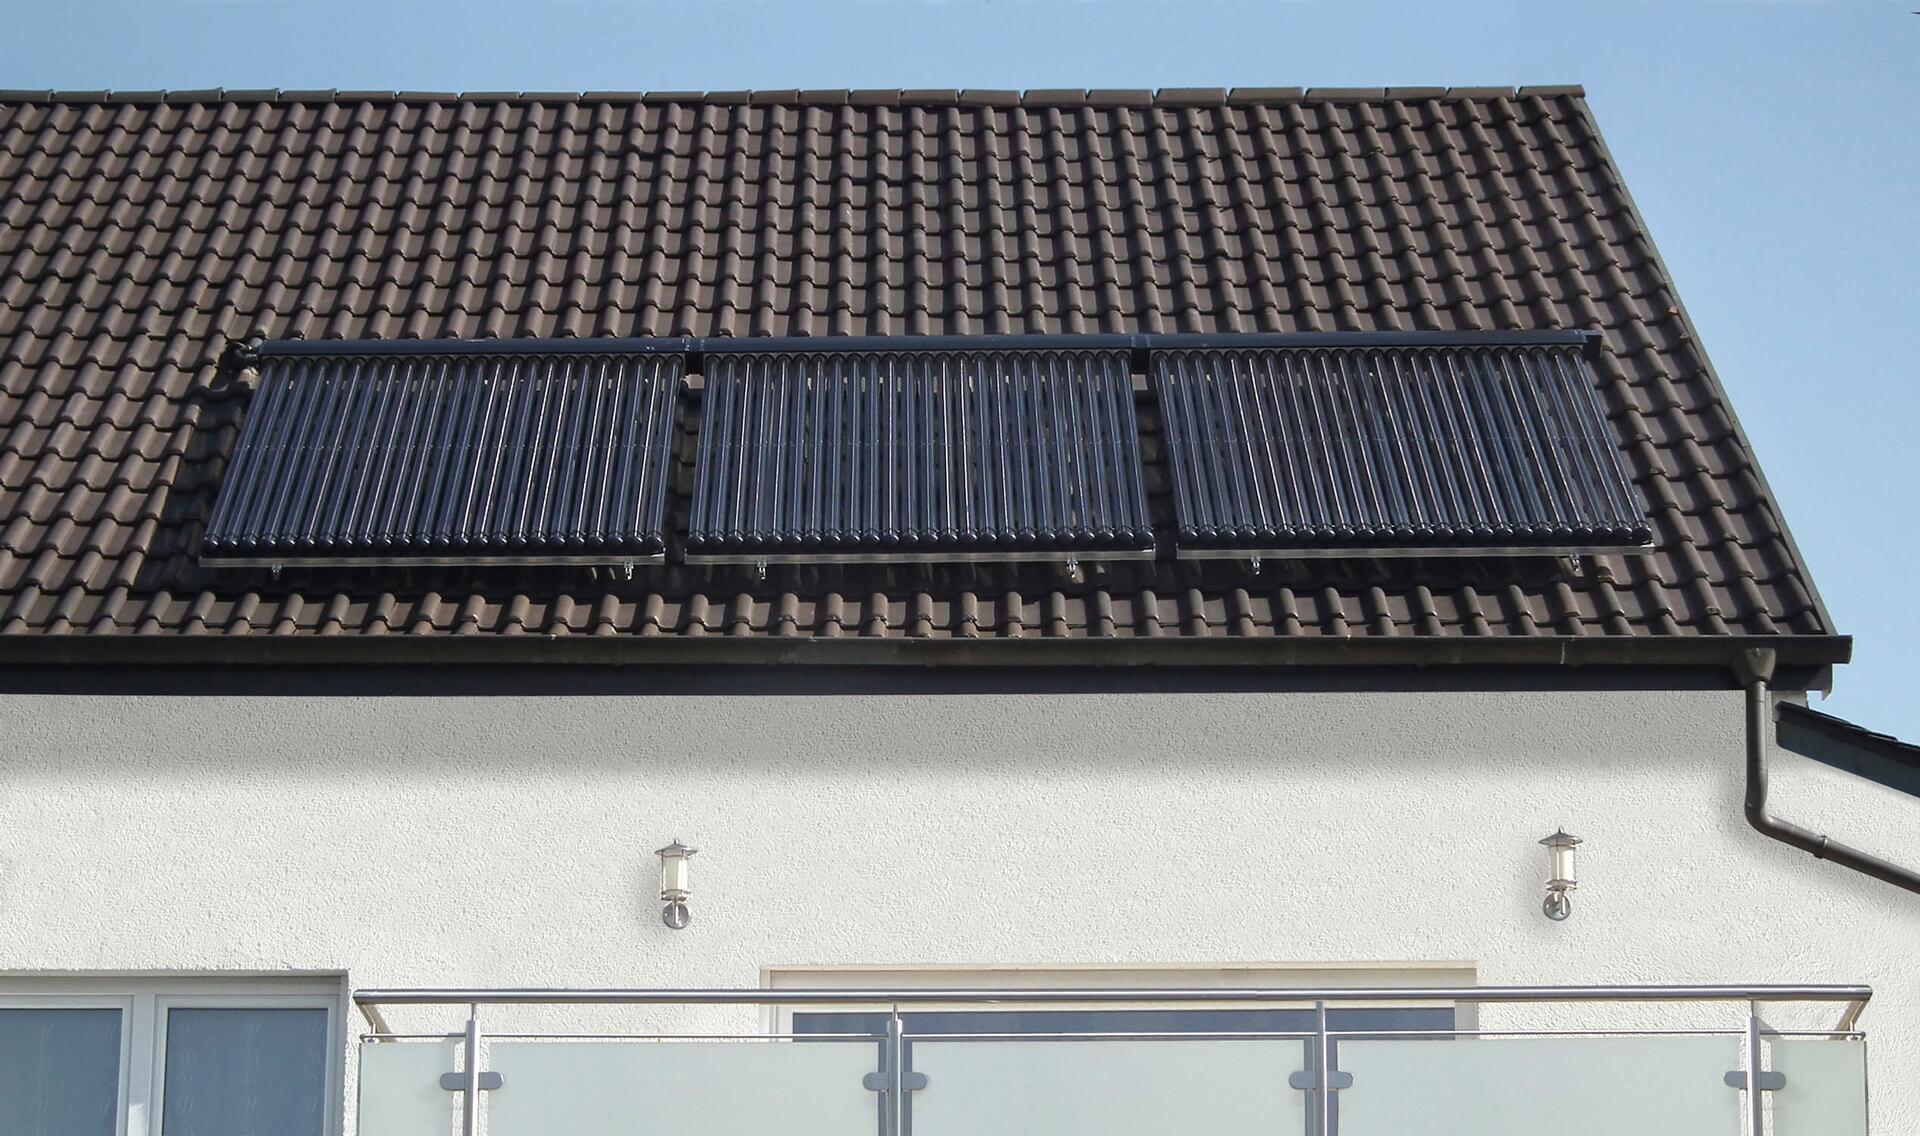 Meleg víz előállítása napelem megújuló energiával, medencefűtés napkollektorral